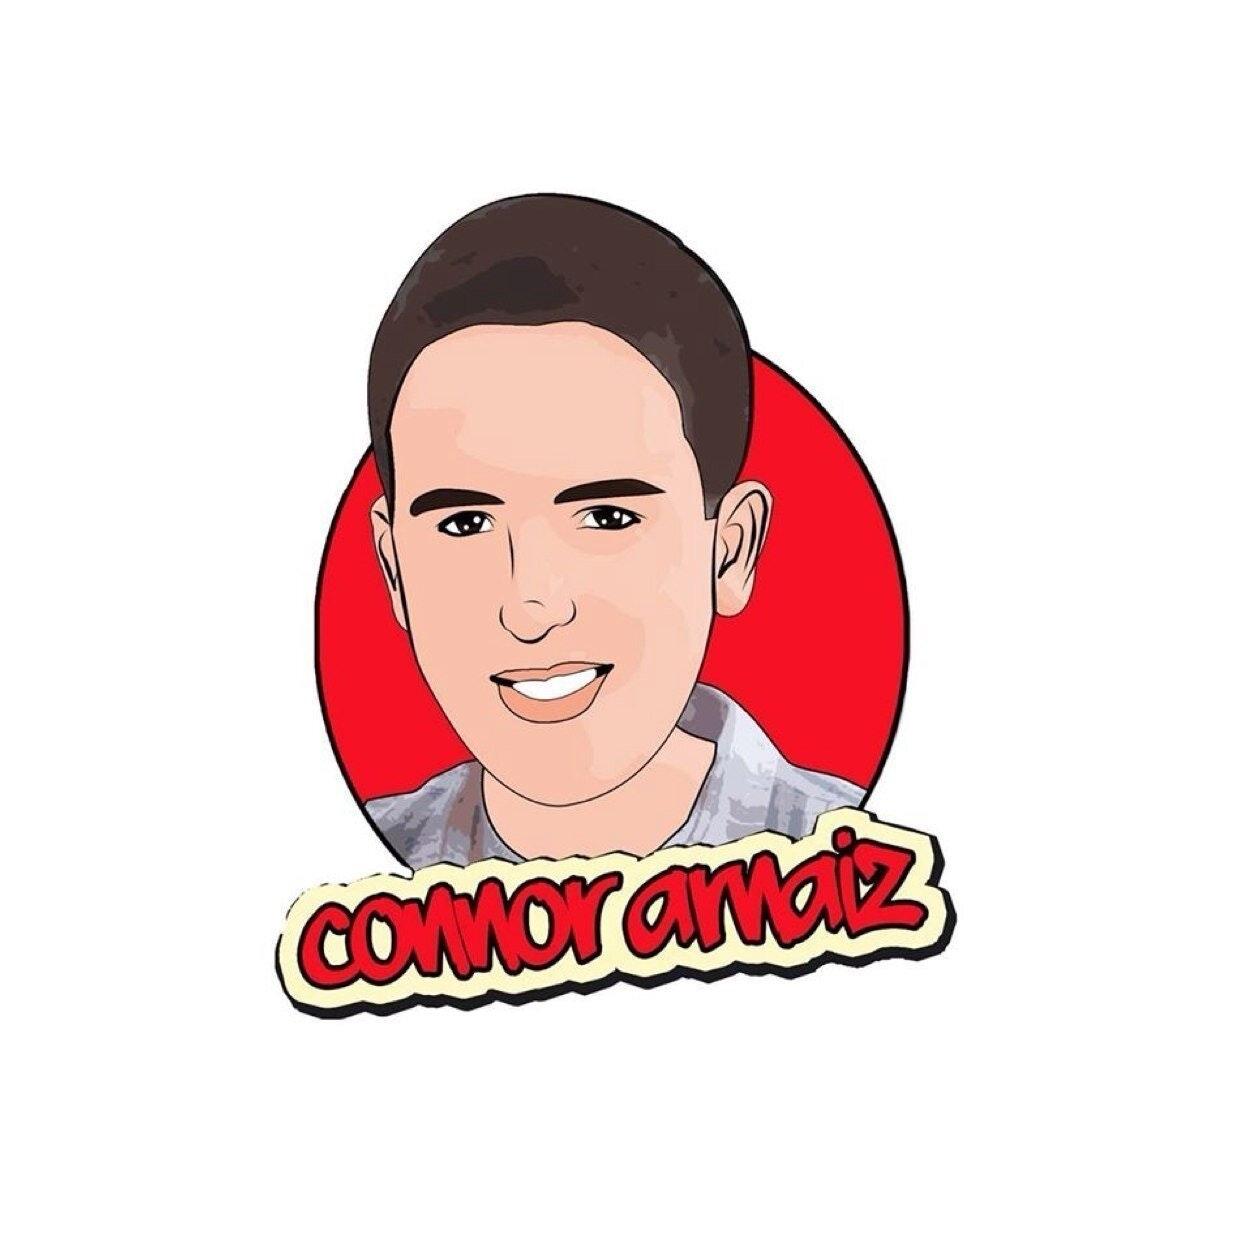 Connor arnaiz